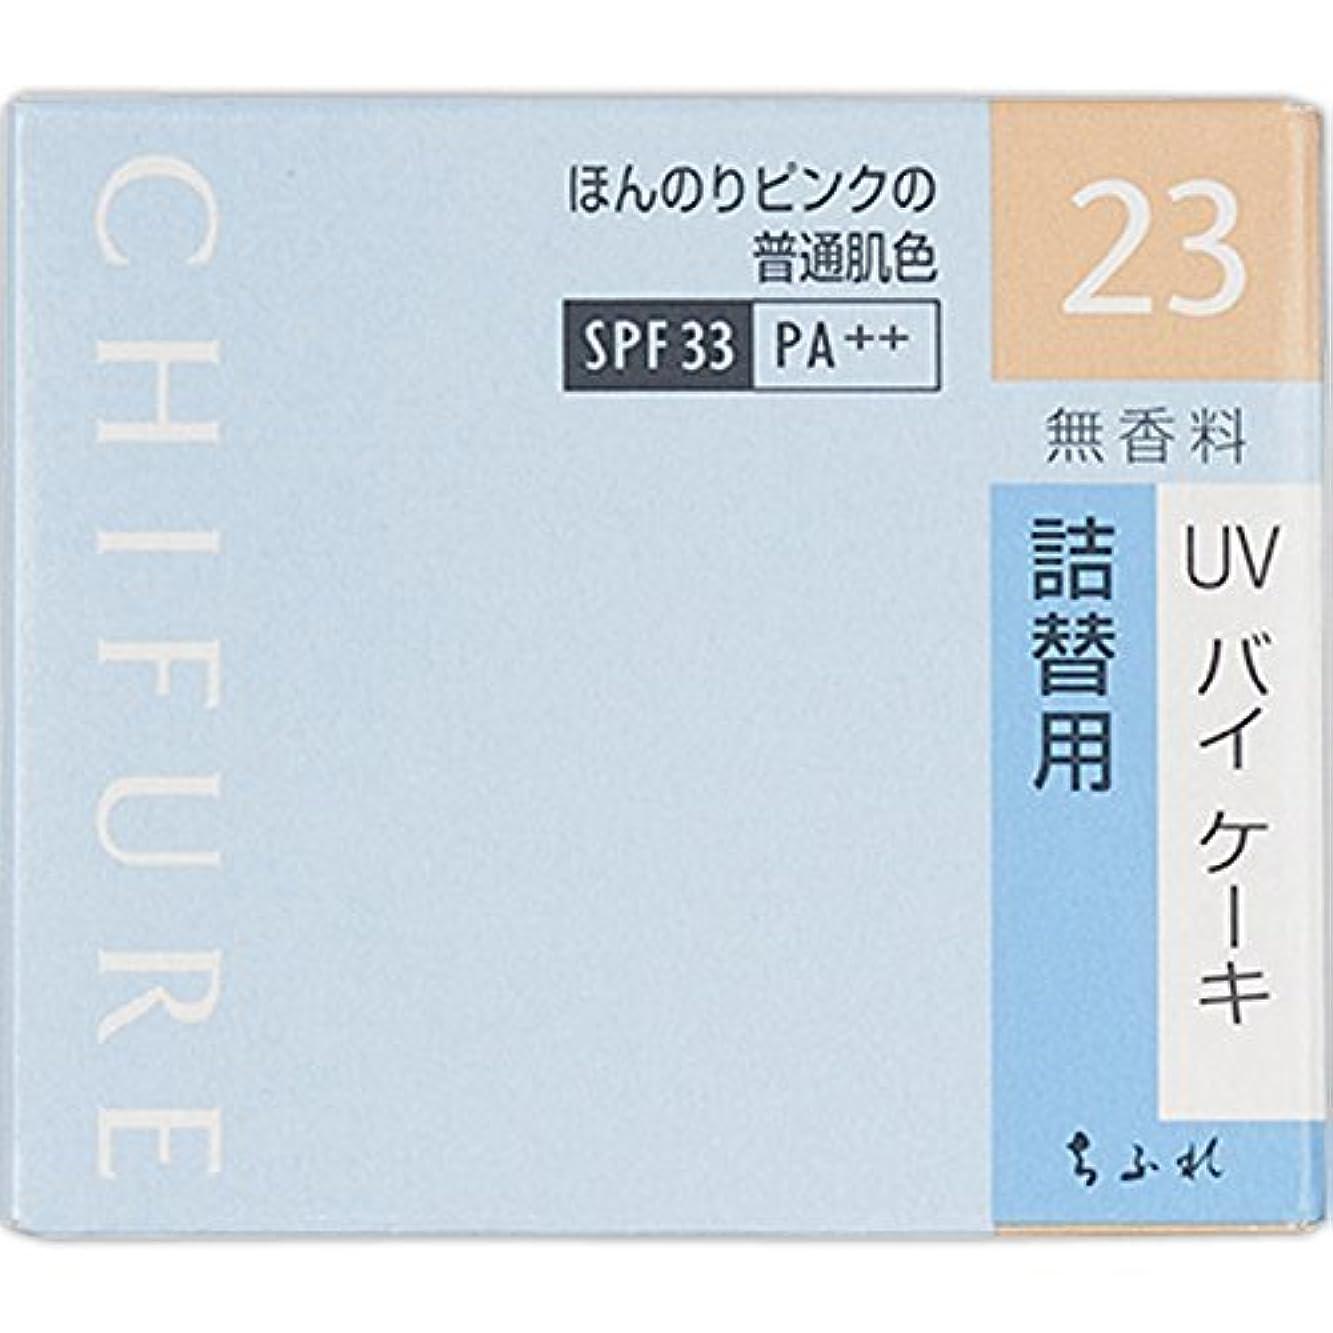 またねグリット追放するちふれ化粧品 UV バイ ケーキ 詰替用 23 ほんのりピンク普通肌色 14g